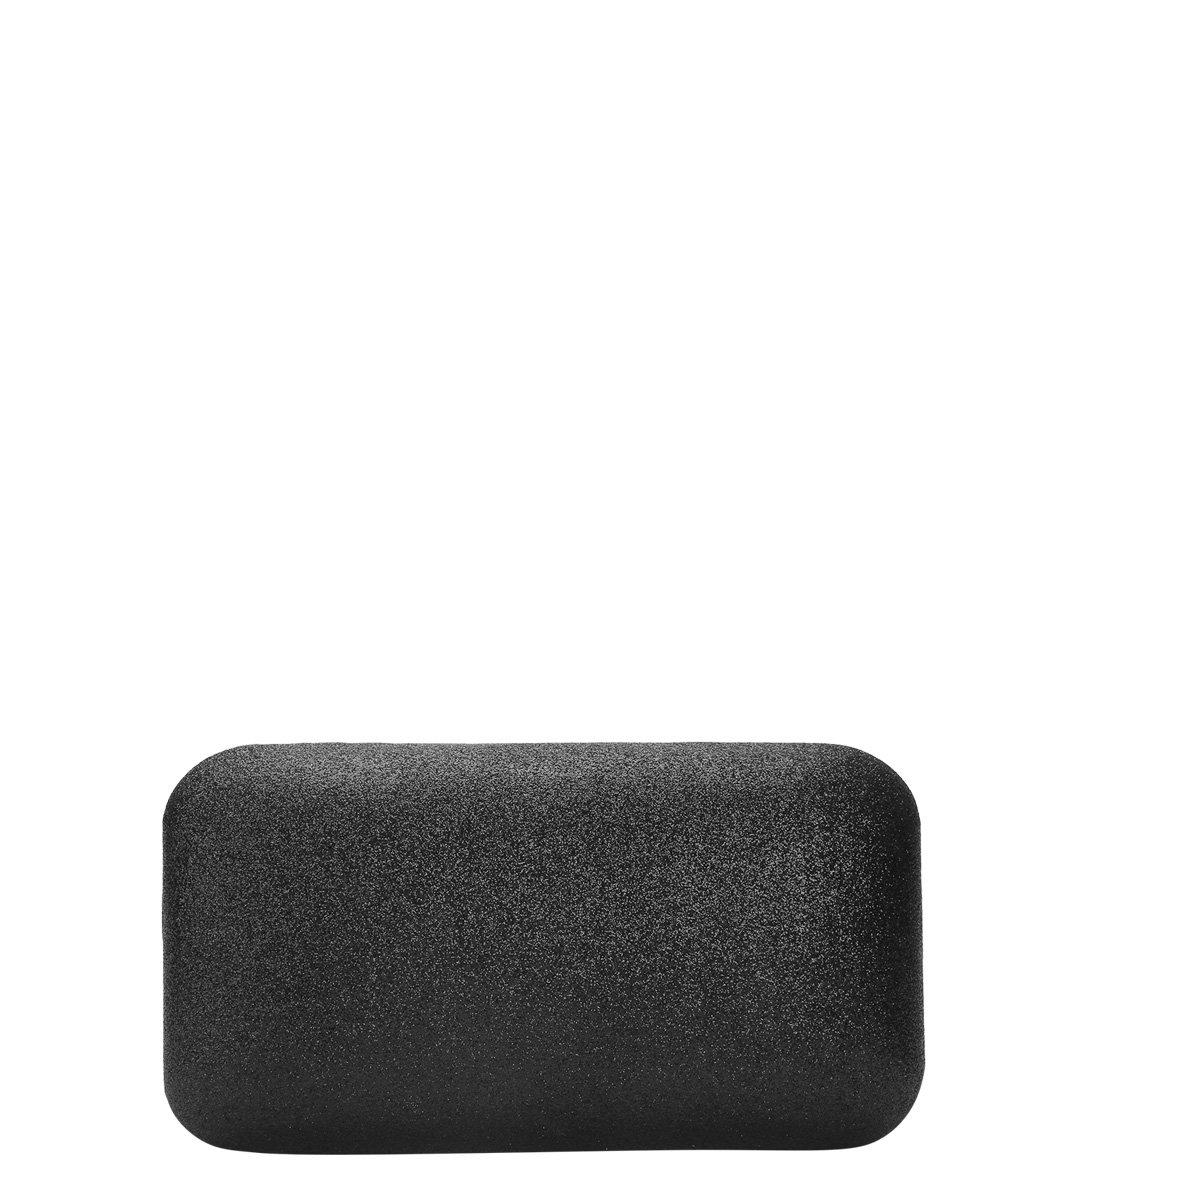 08e124bd76 Bolsa Shoestock Clutch Festa - Compre Agora